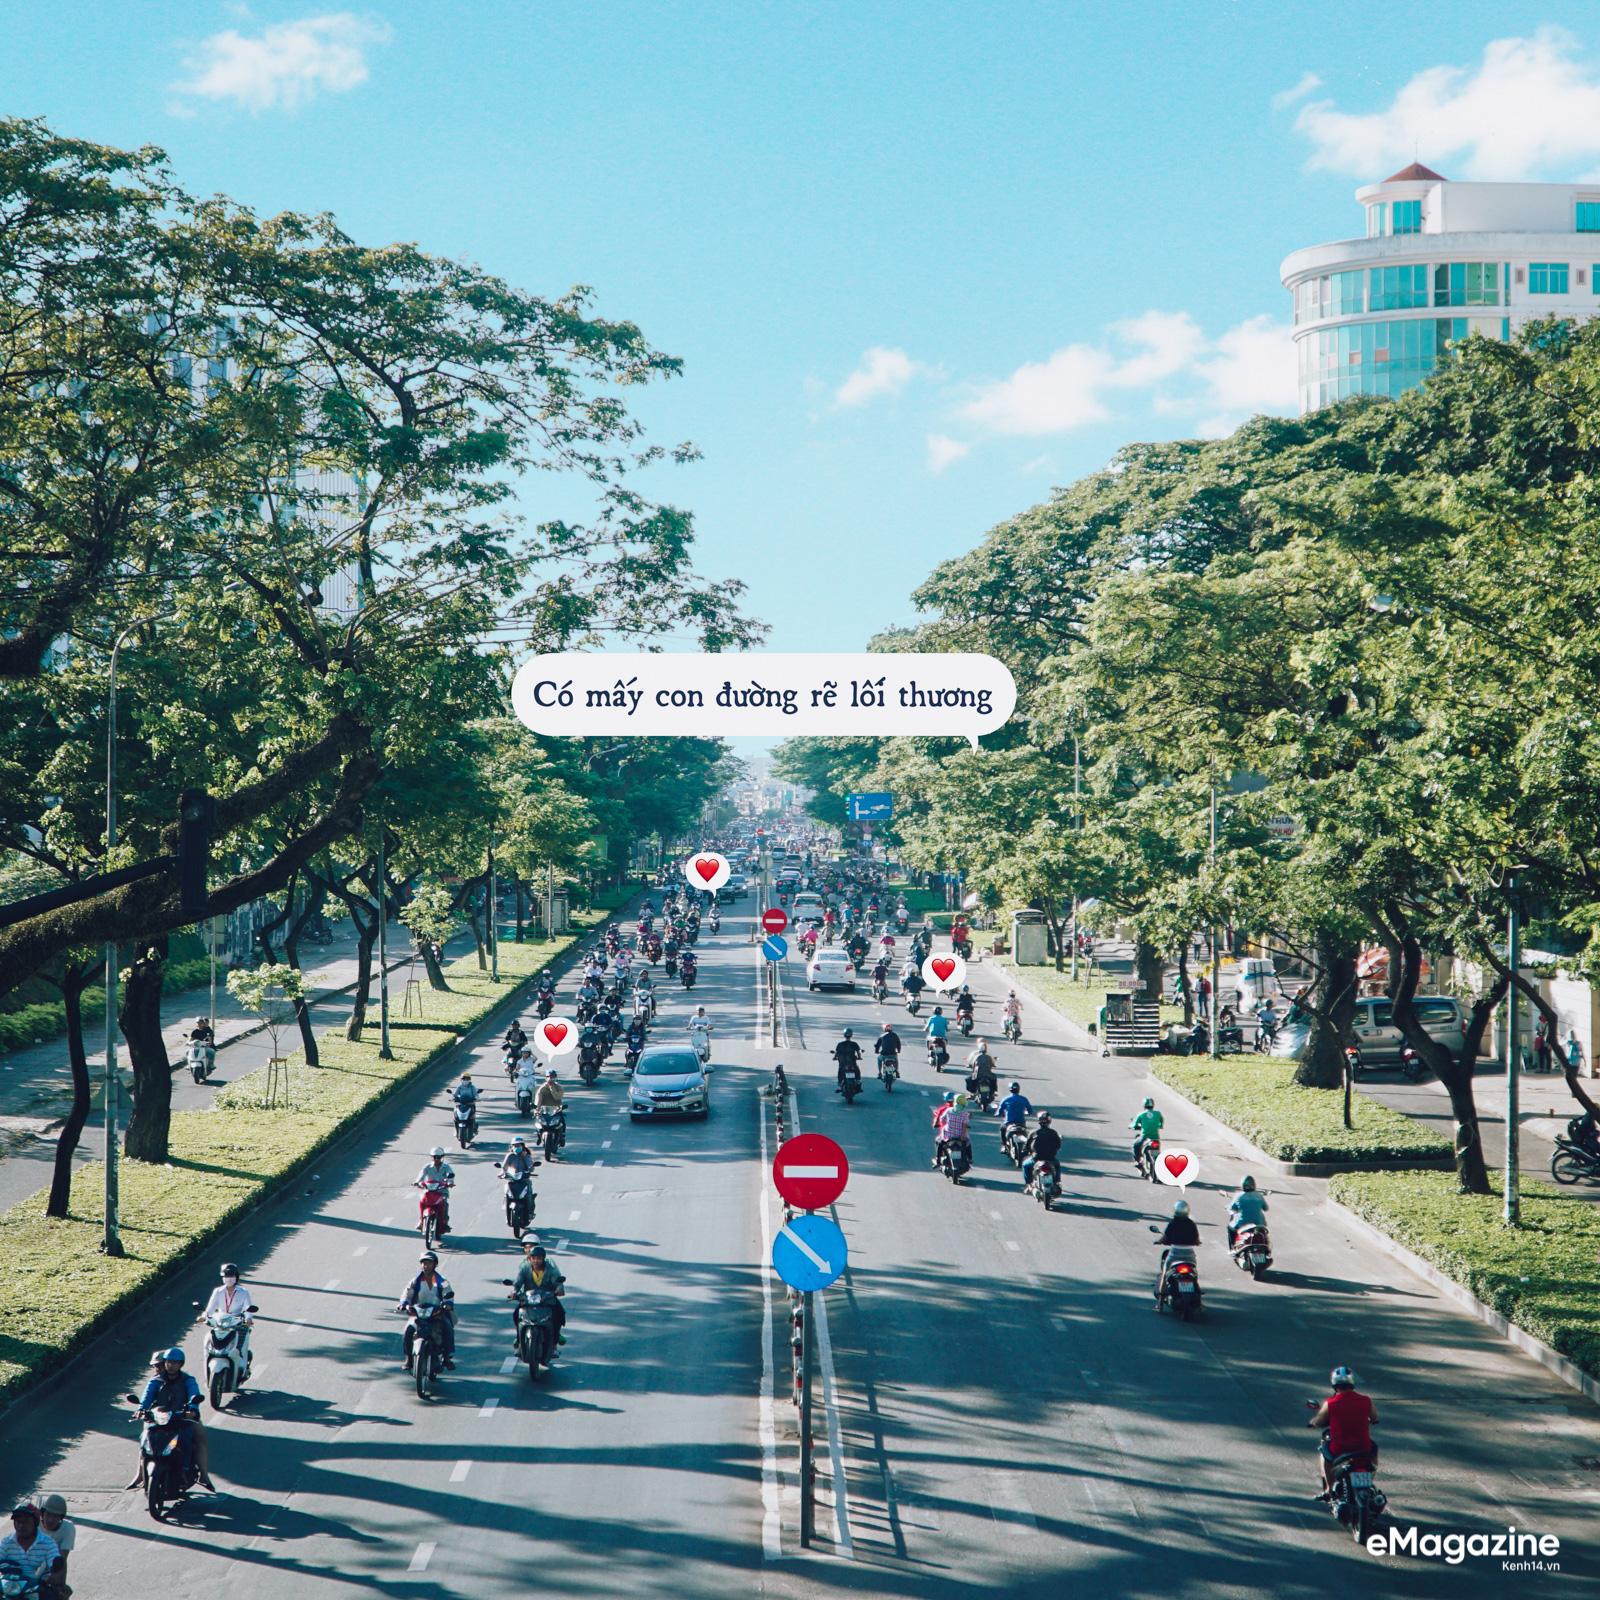 Sài Gòn thiệt thương: Nơi ta để lại tuổi trẻ nhiều nhất, đó sẽ là nơi bình yên nhất - Ảnh 9